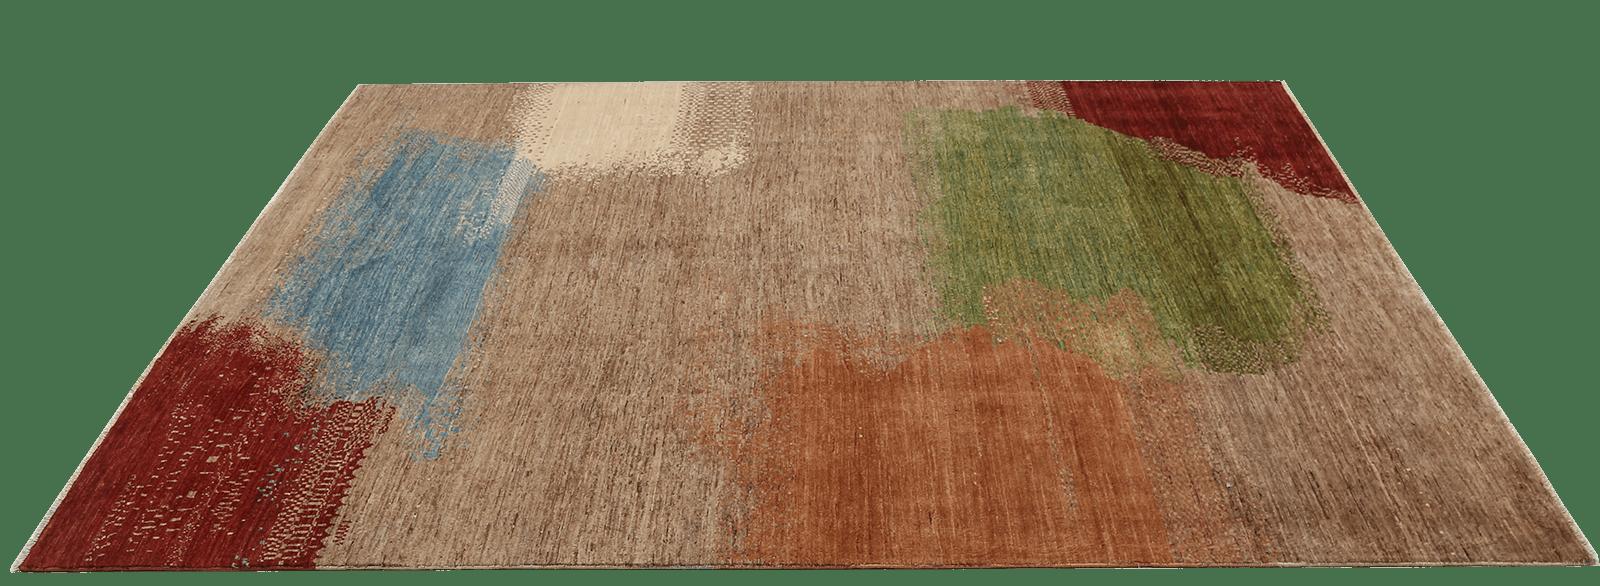 kashkuli-tapijt-moderne-perzische-tapijten-luxe-exclusieve-vloerkleden-koreman-maastricht